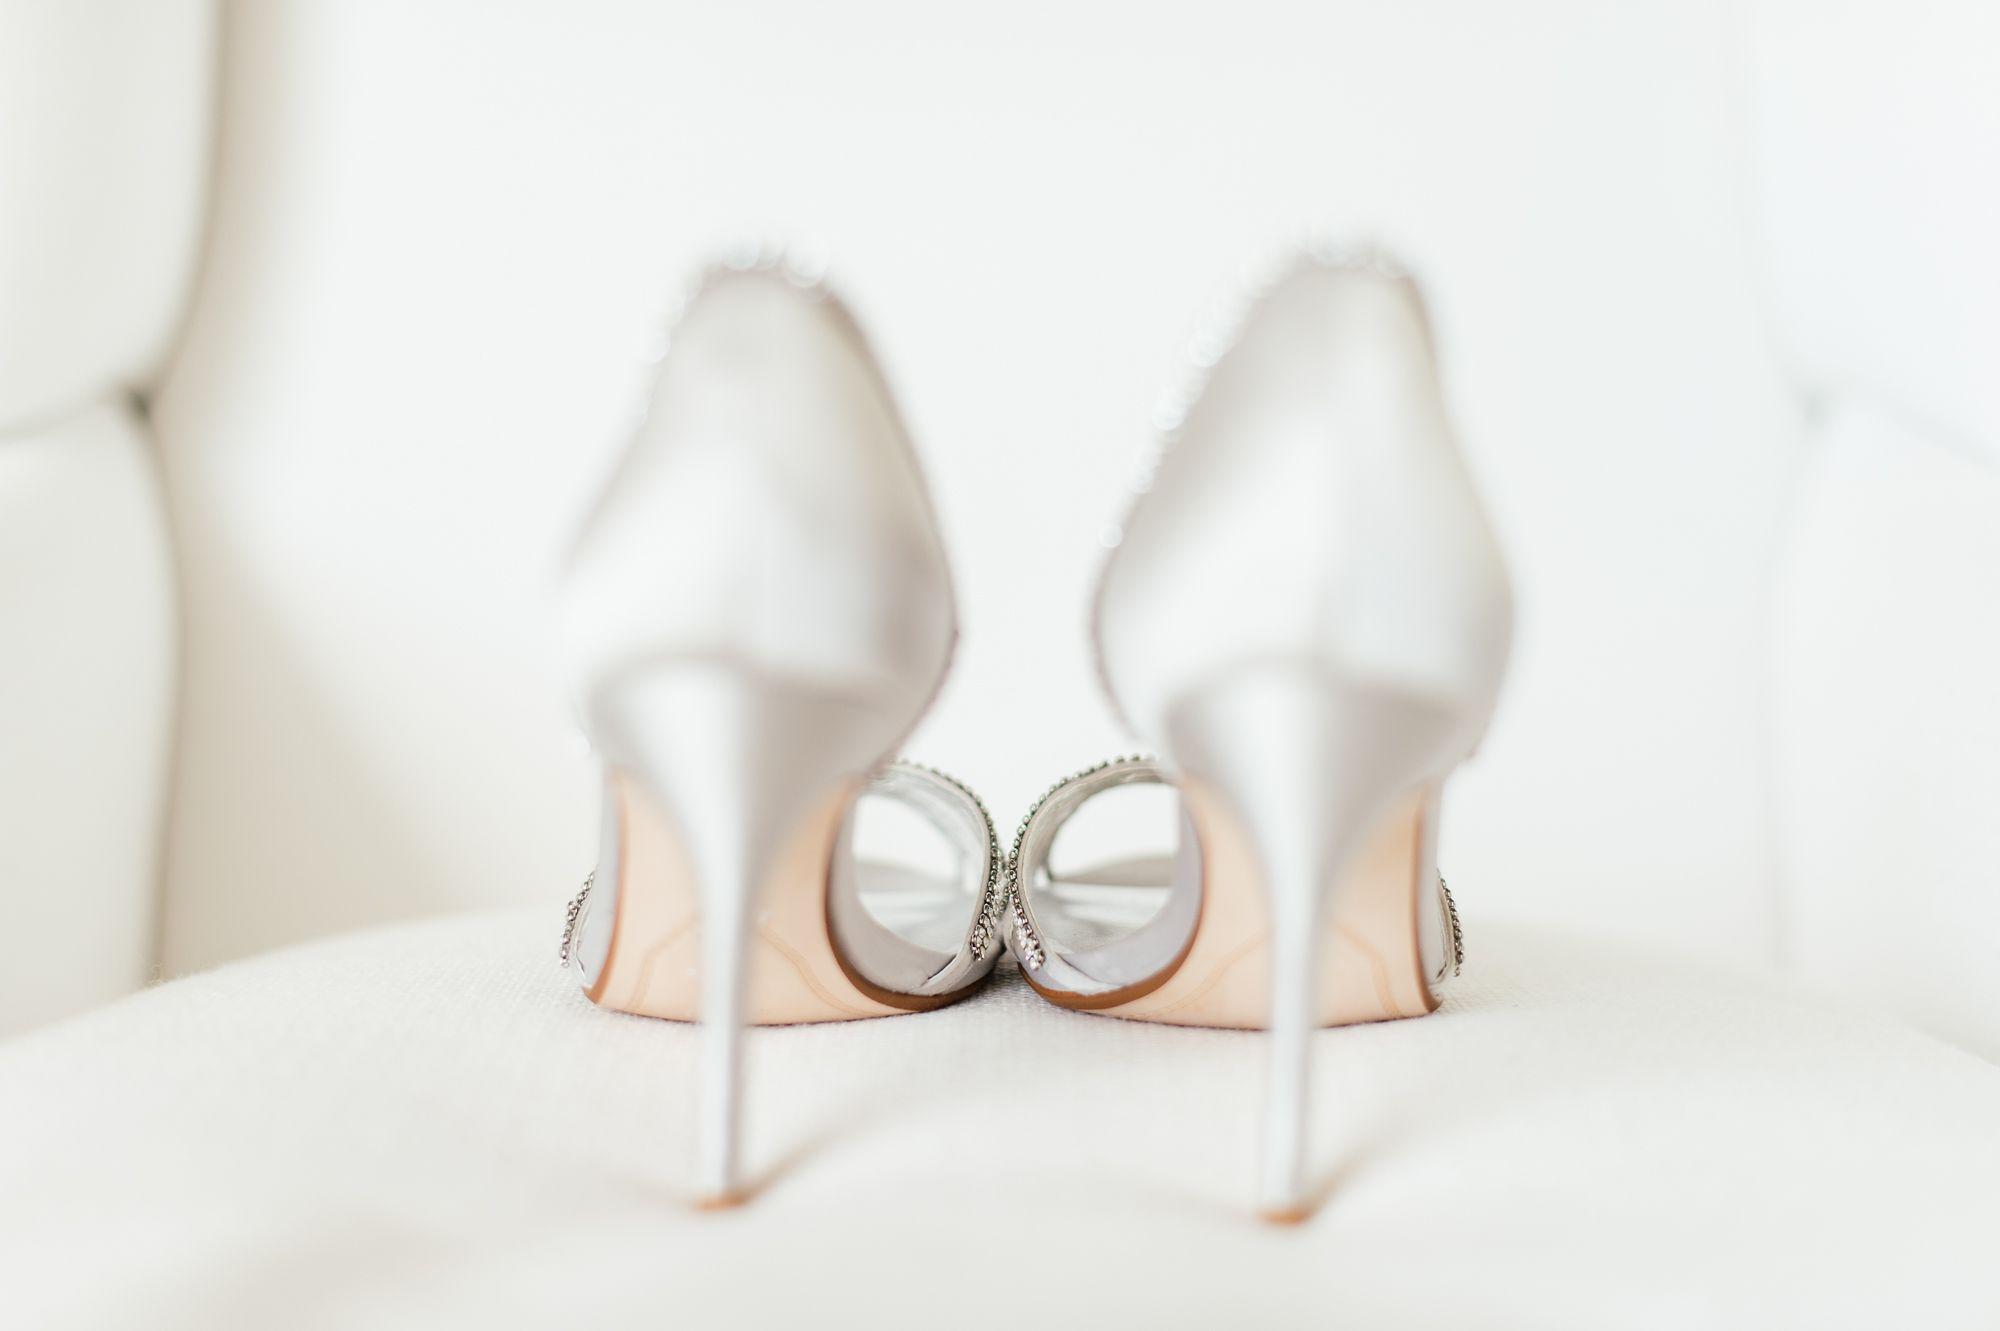 www.weddingconcepts.co.za Photo by: Christine Meintjes